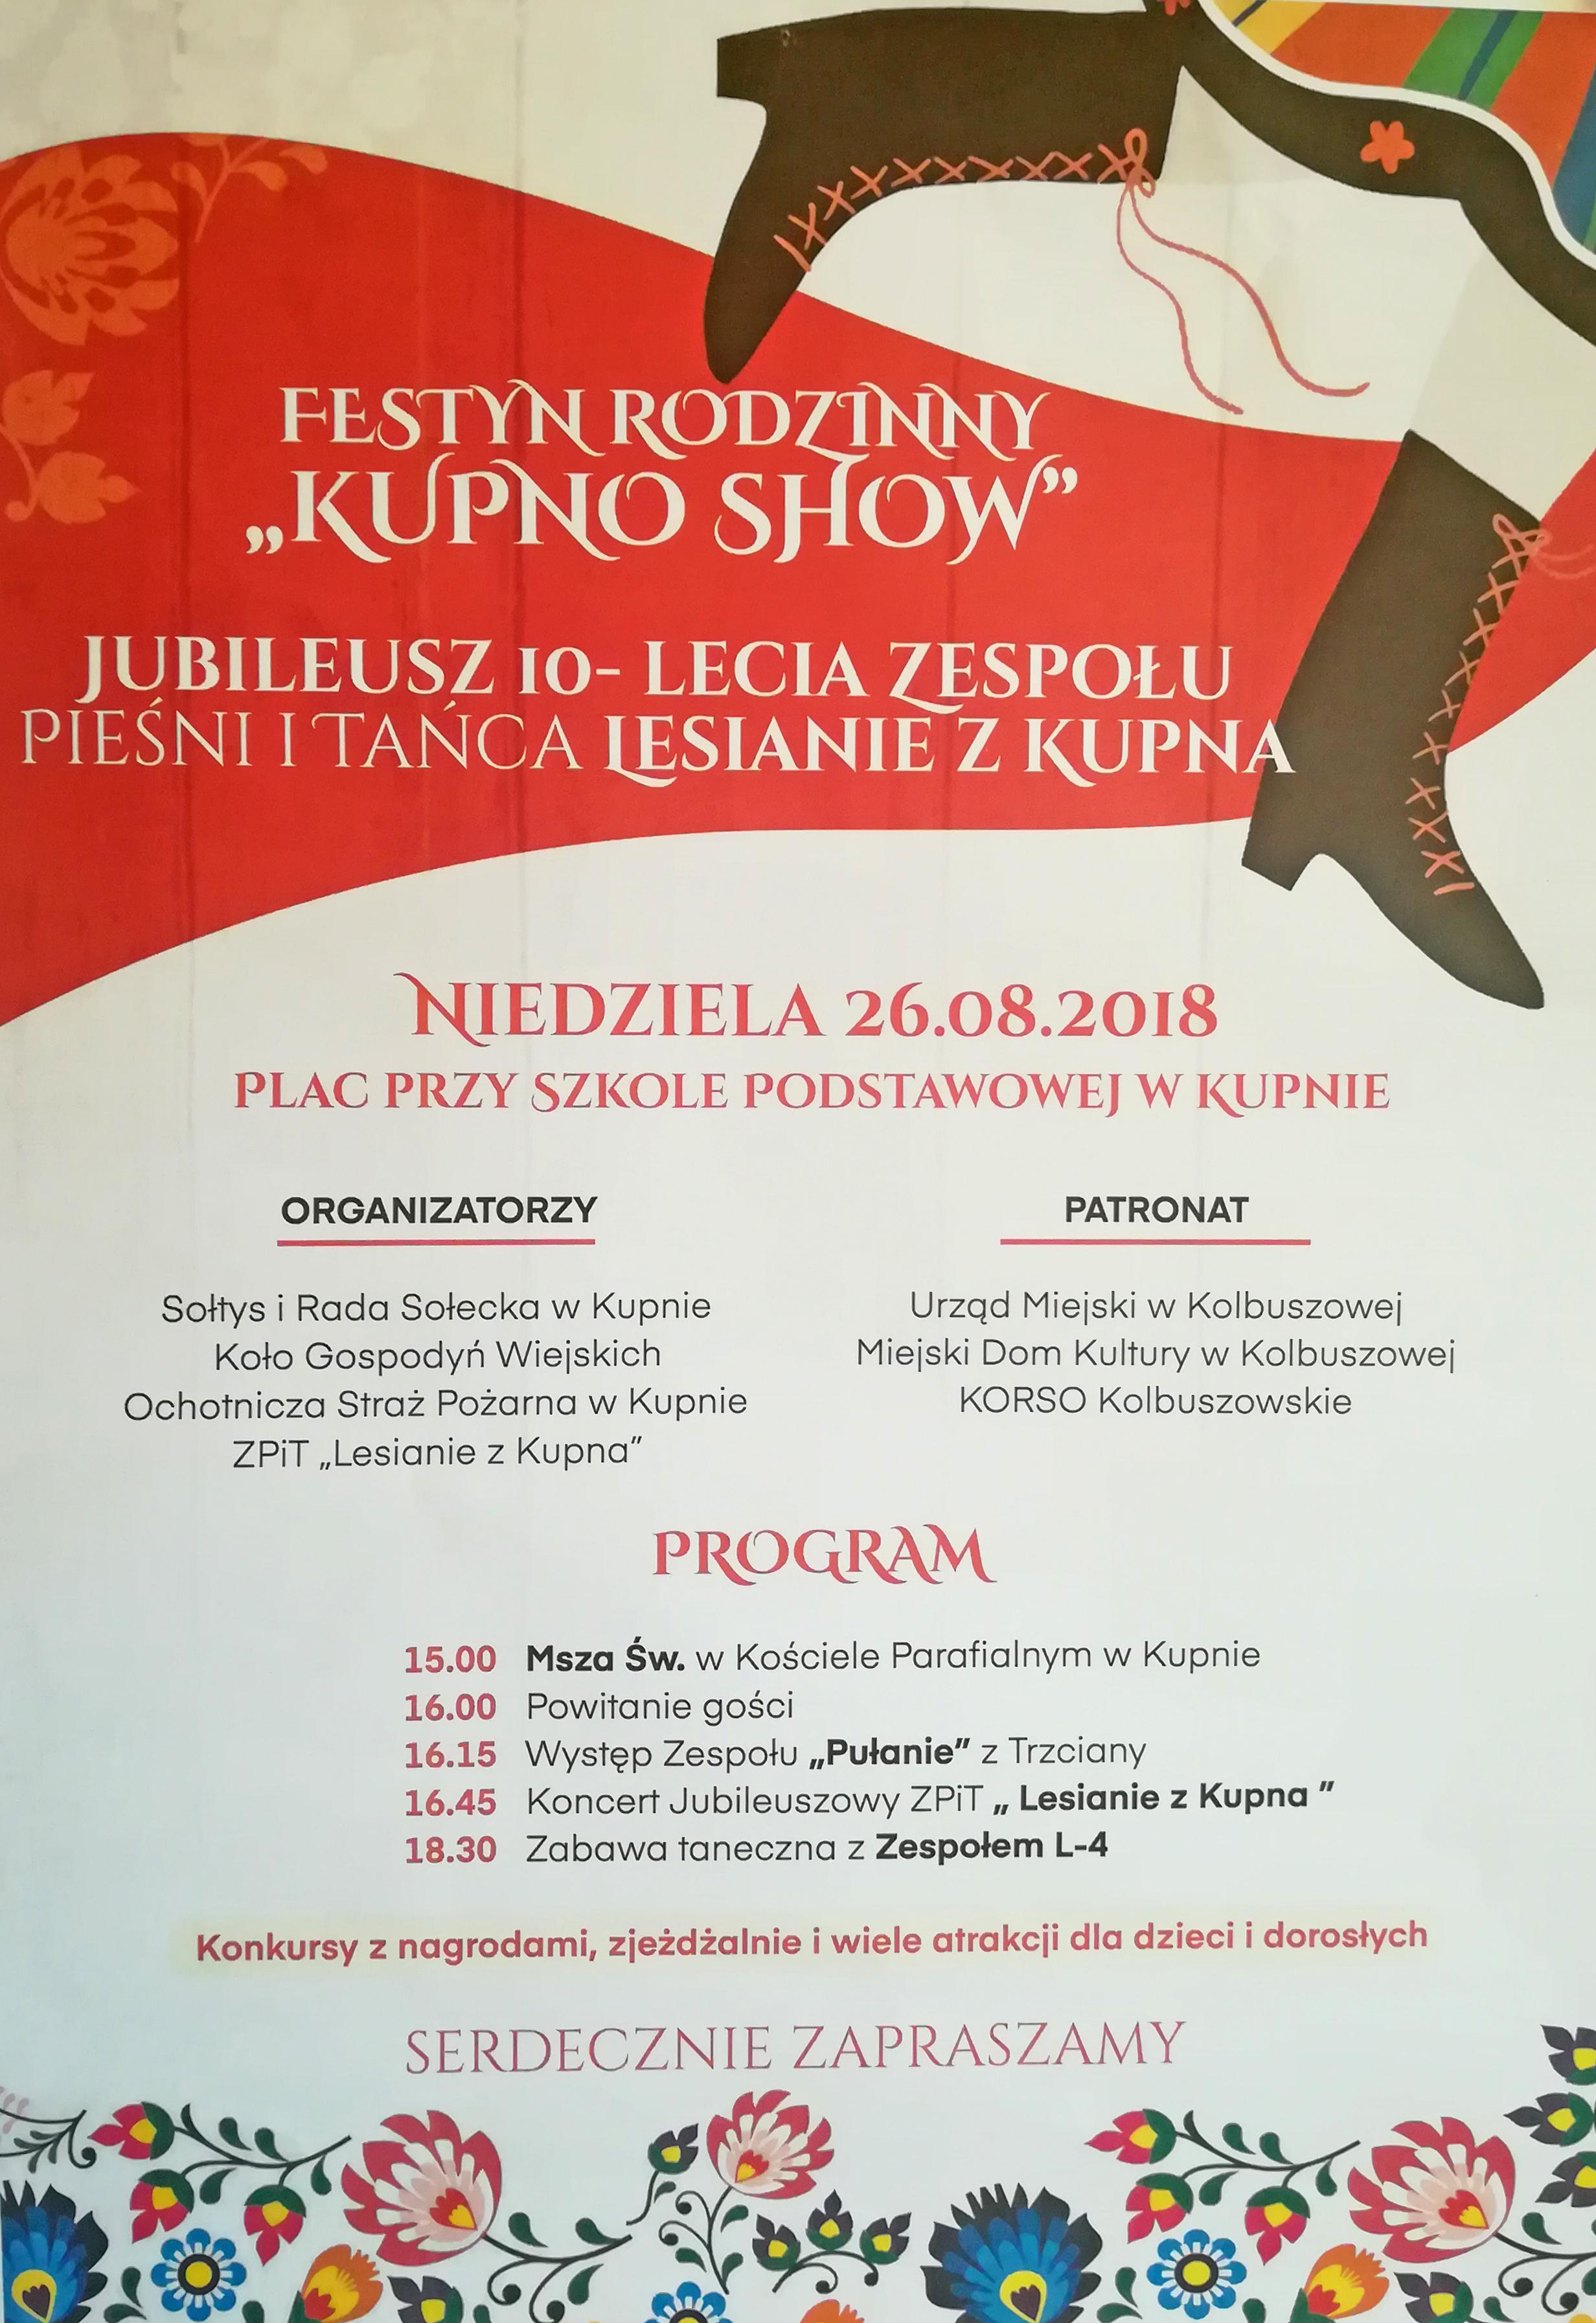 Kupno Show 2018 z jubileuszem Zespołu Pieśni i Tańca Lesianie. Mamy program imprezy - Zdjęcie główne